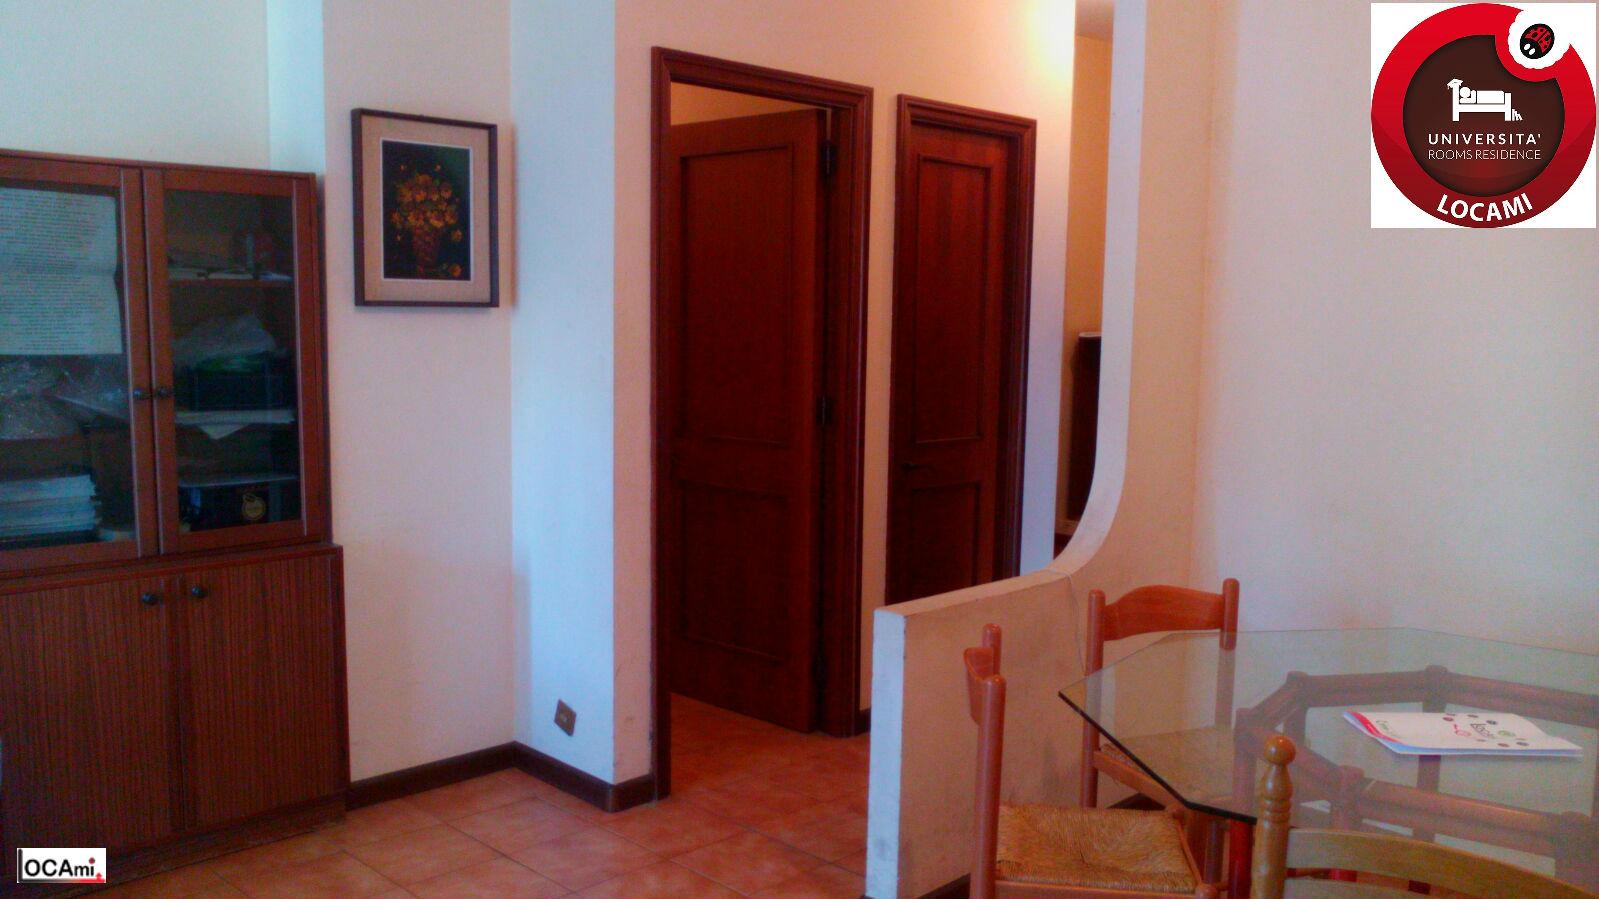 Appartamento in affitto a Catania, 8 locali, zona Località: CittadellaUniversitaria, prezzo € 200   Cambio Casa.it